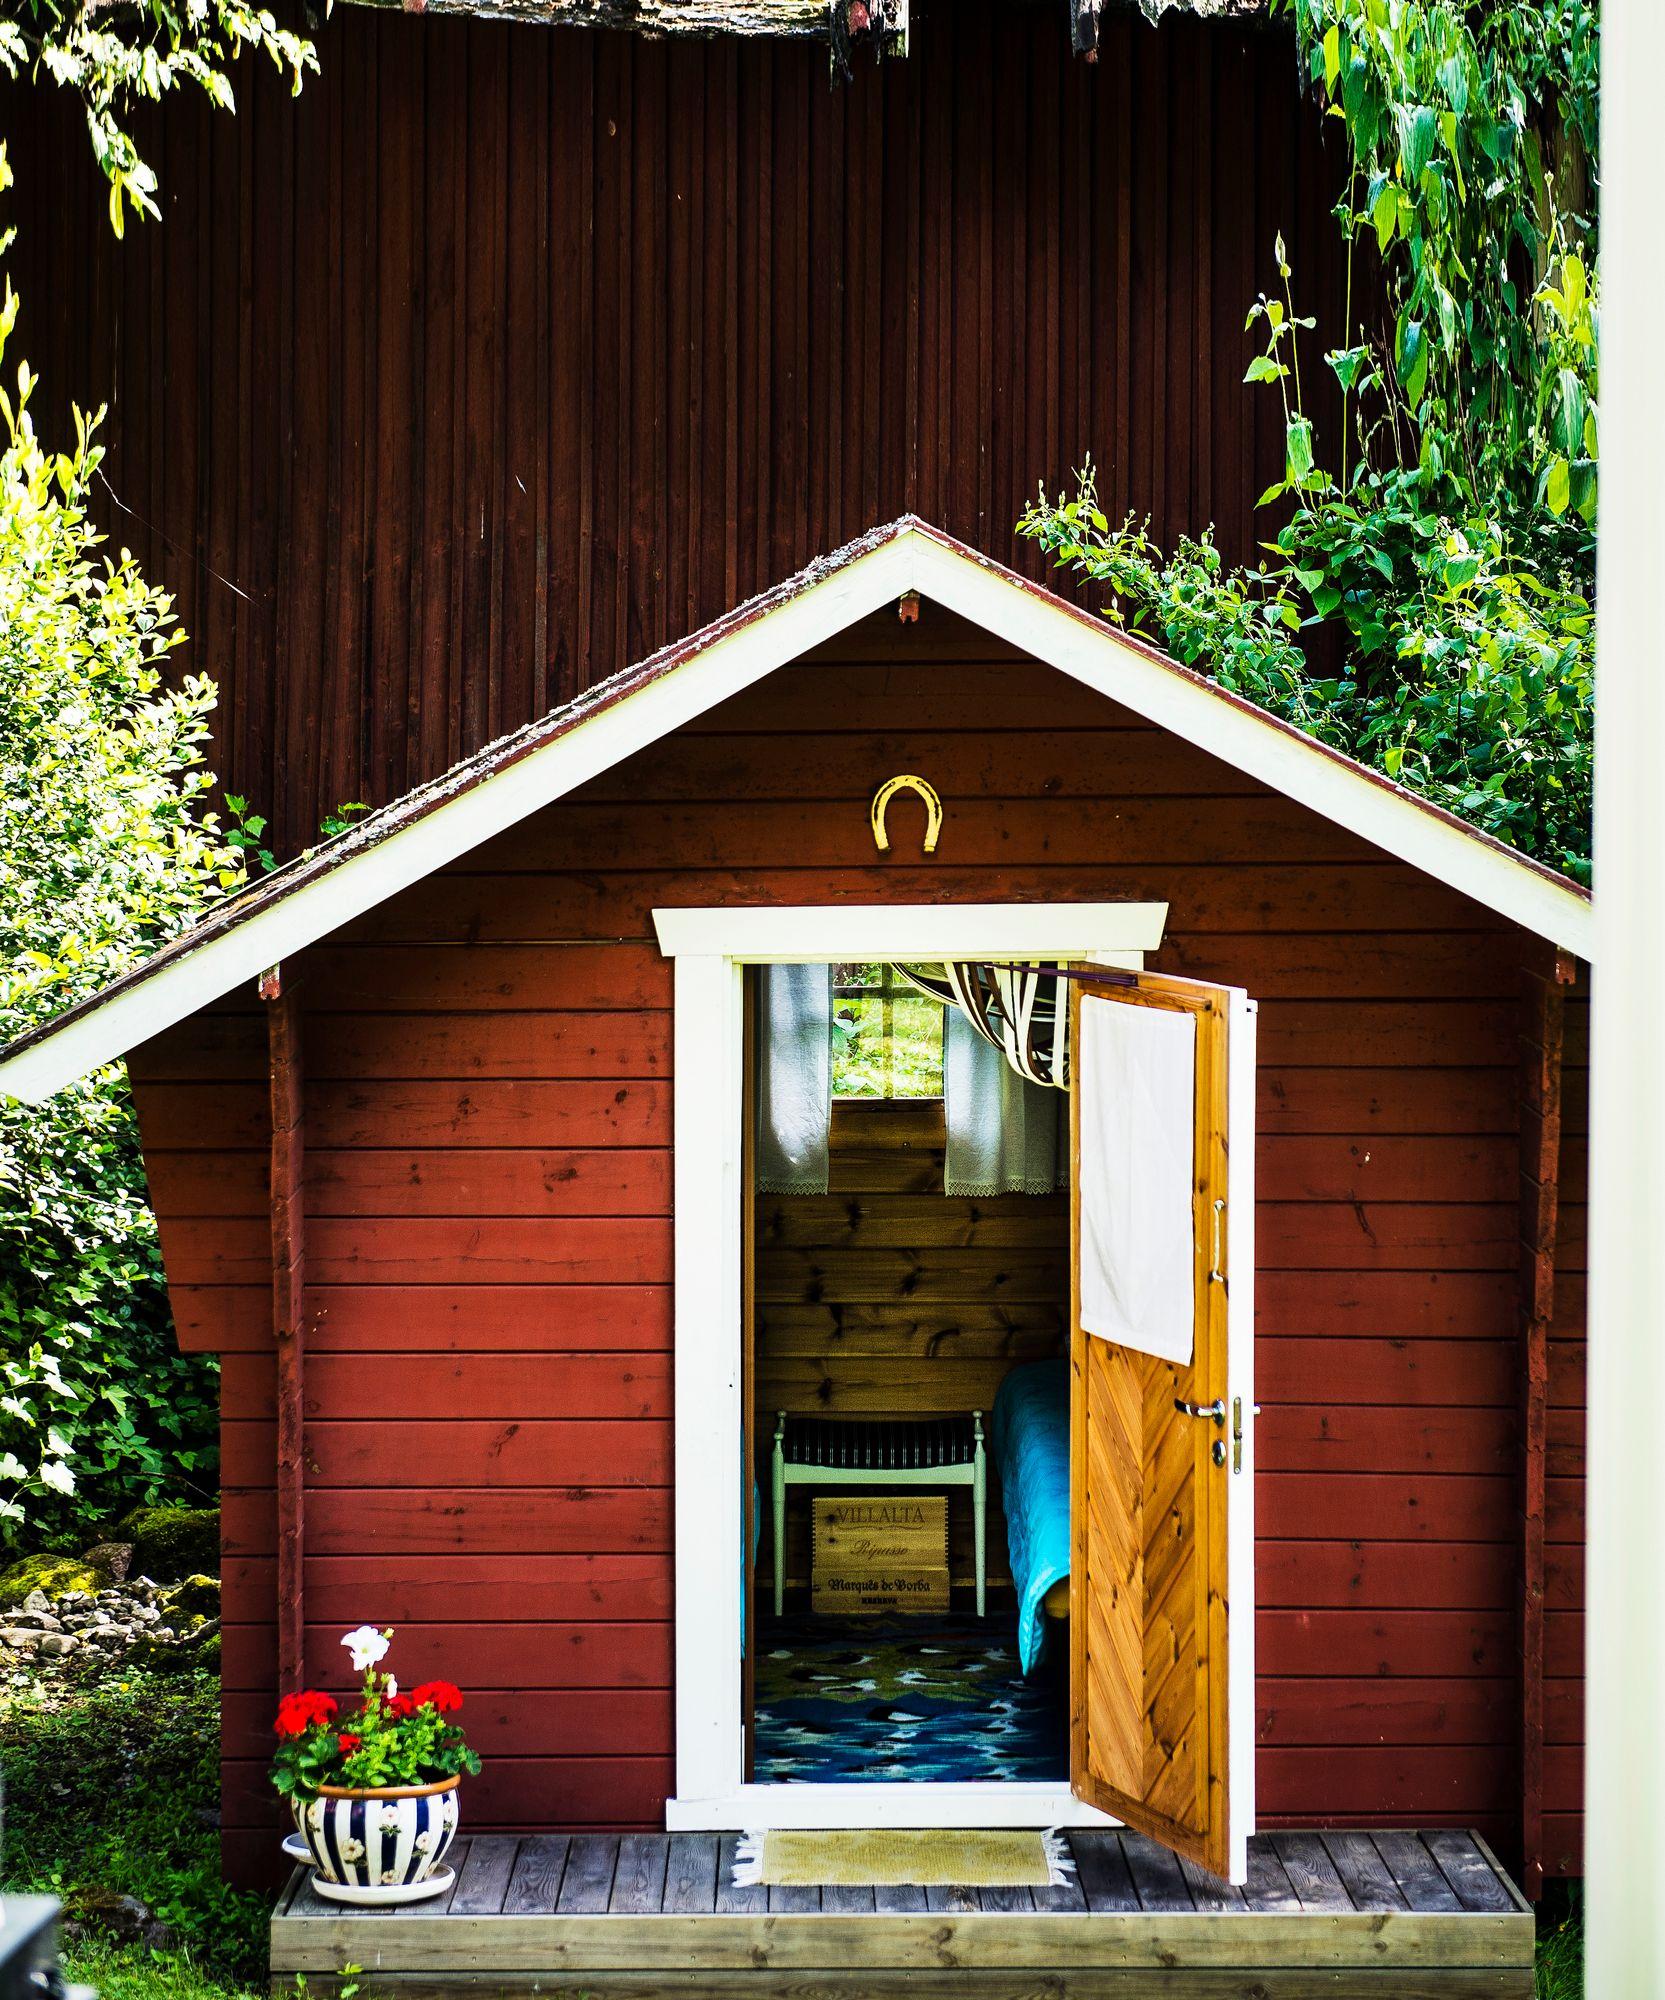 Yövieraat majoittuvat pihan pienessä aitassa. © Ari Heinonen/Otavamedia